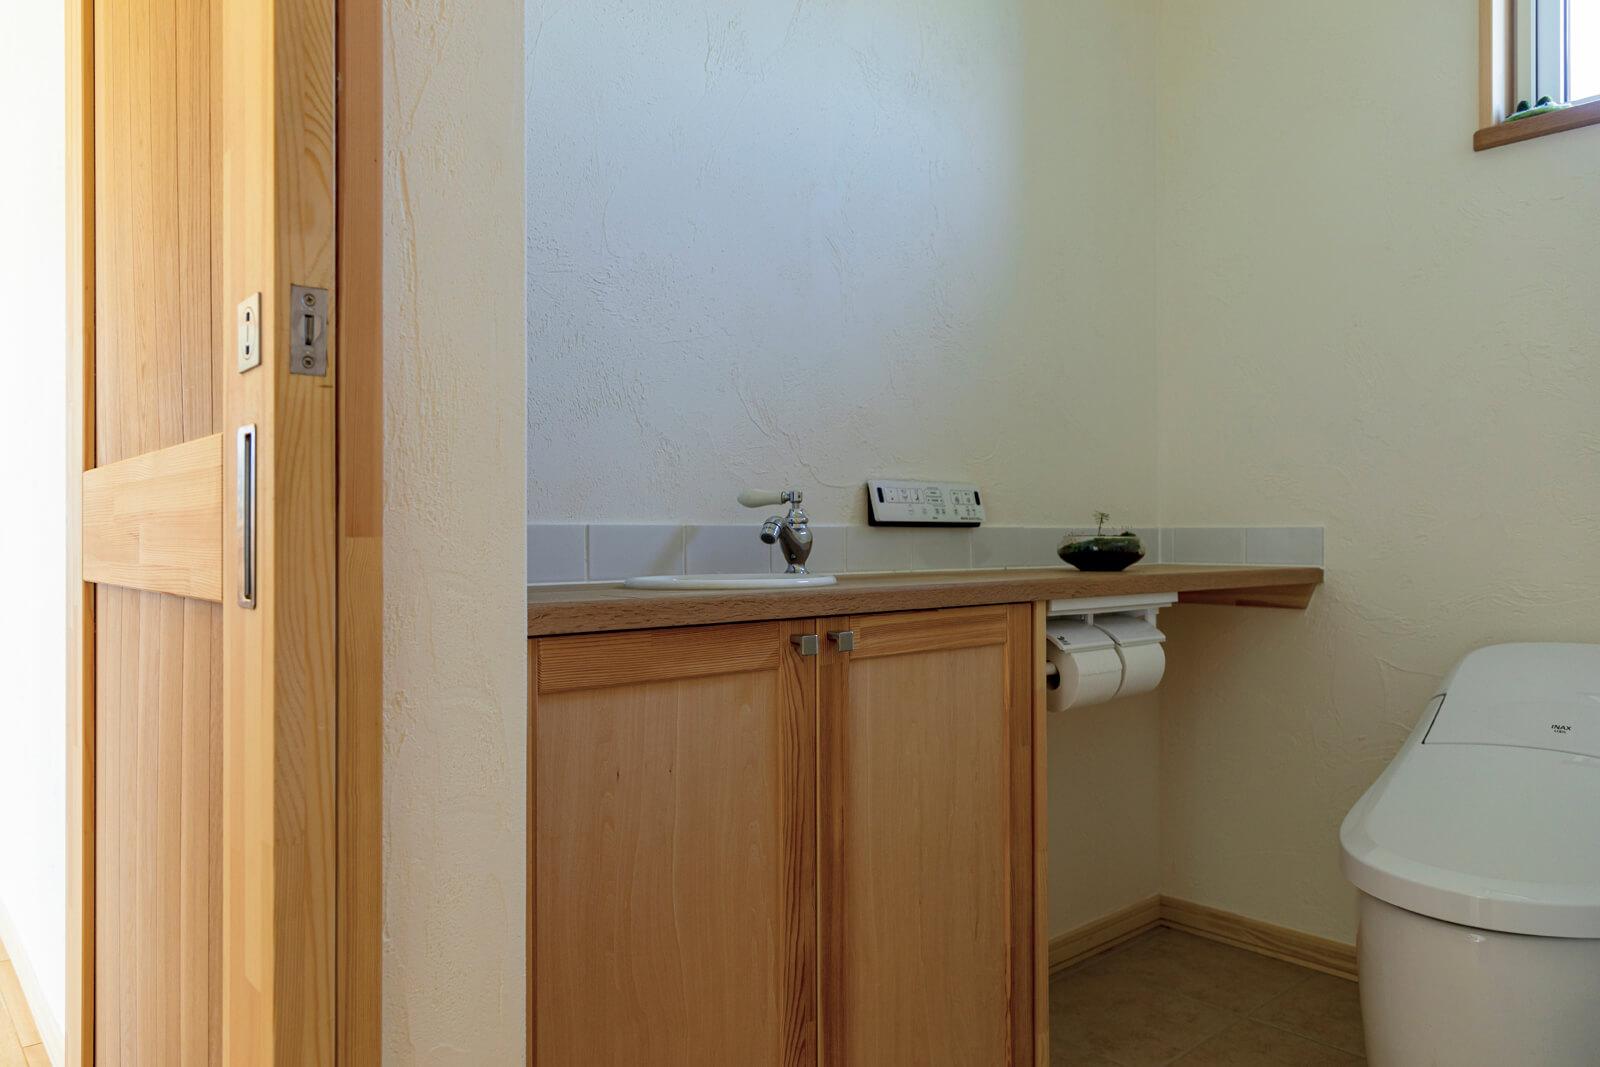 トイレにも木を生かした手洗いや収納を造作。配慮の行き届いた気持ちいい空間になっている